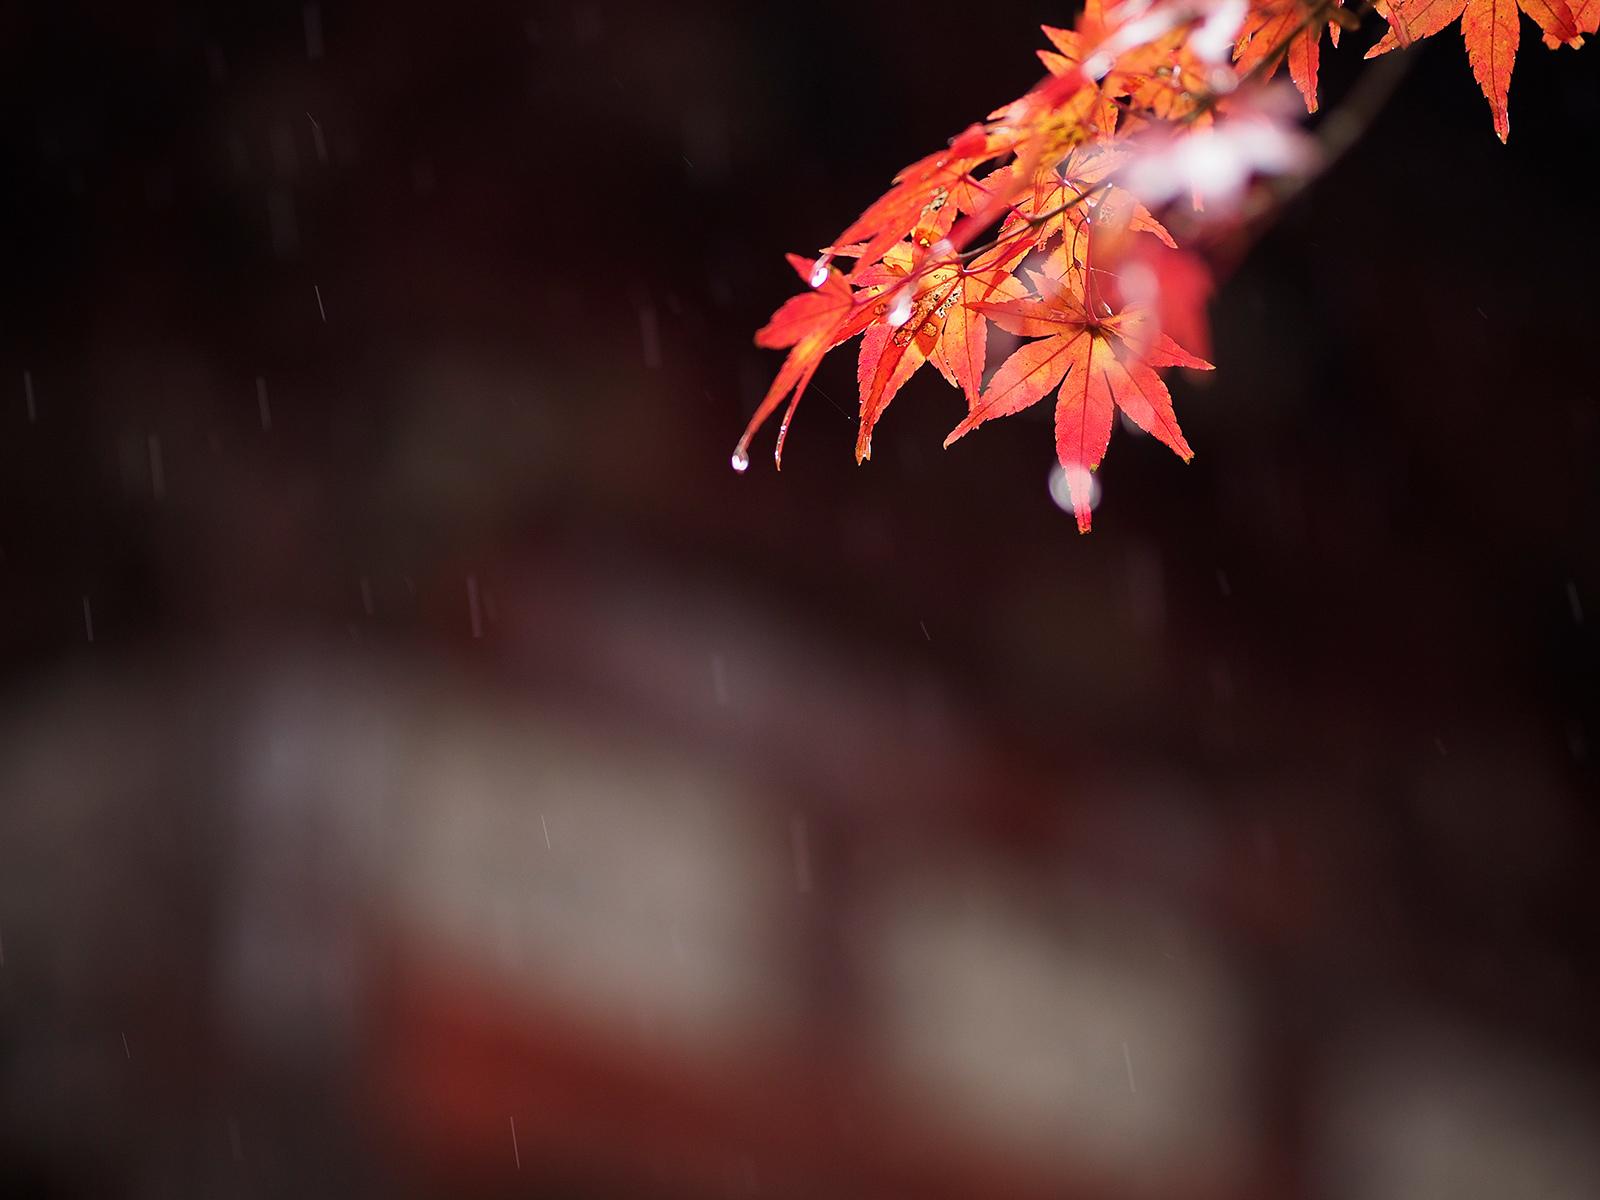 秋雨_f0121181_03284602.jpg